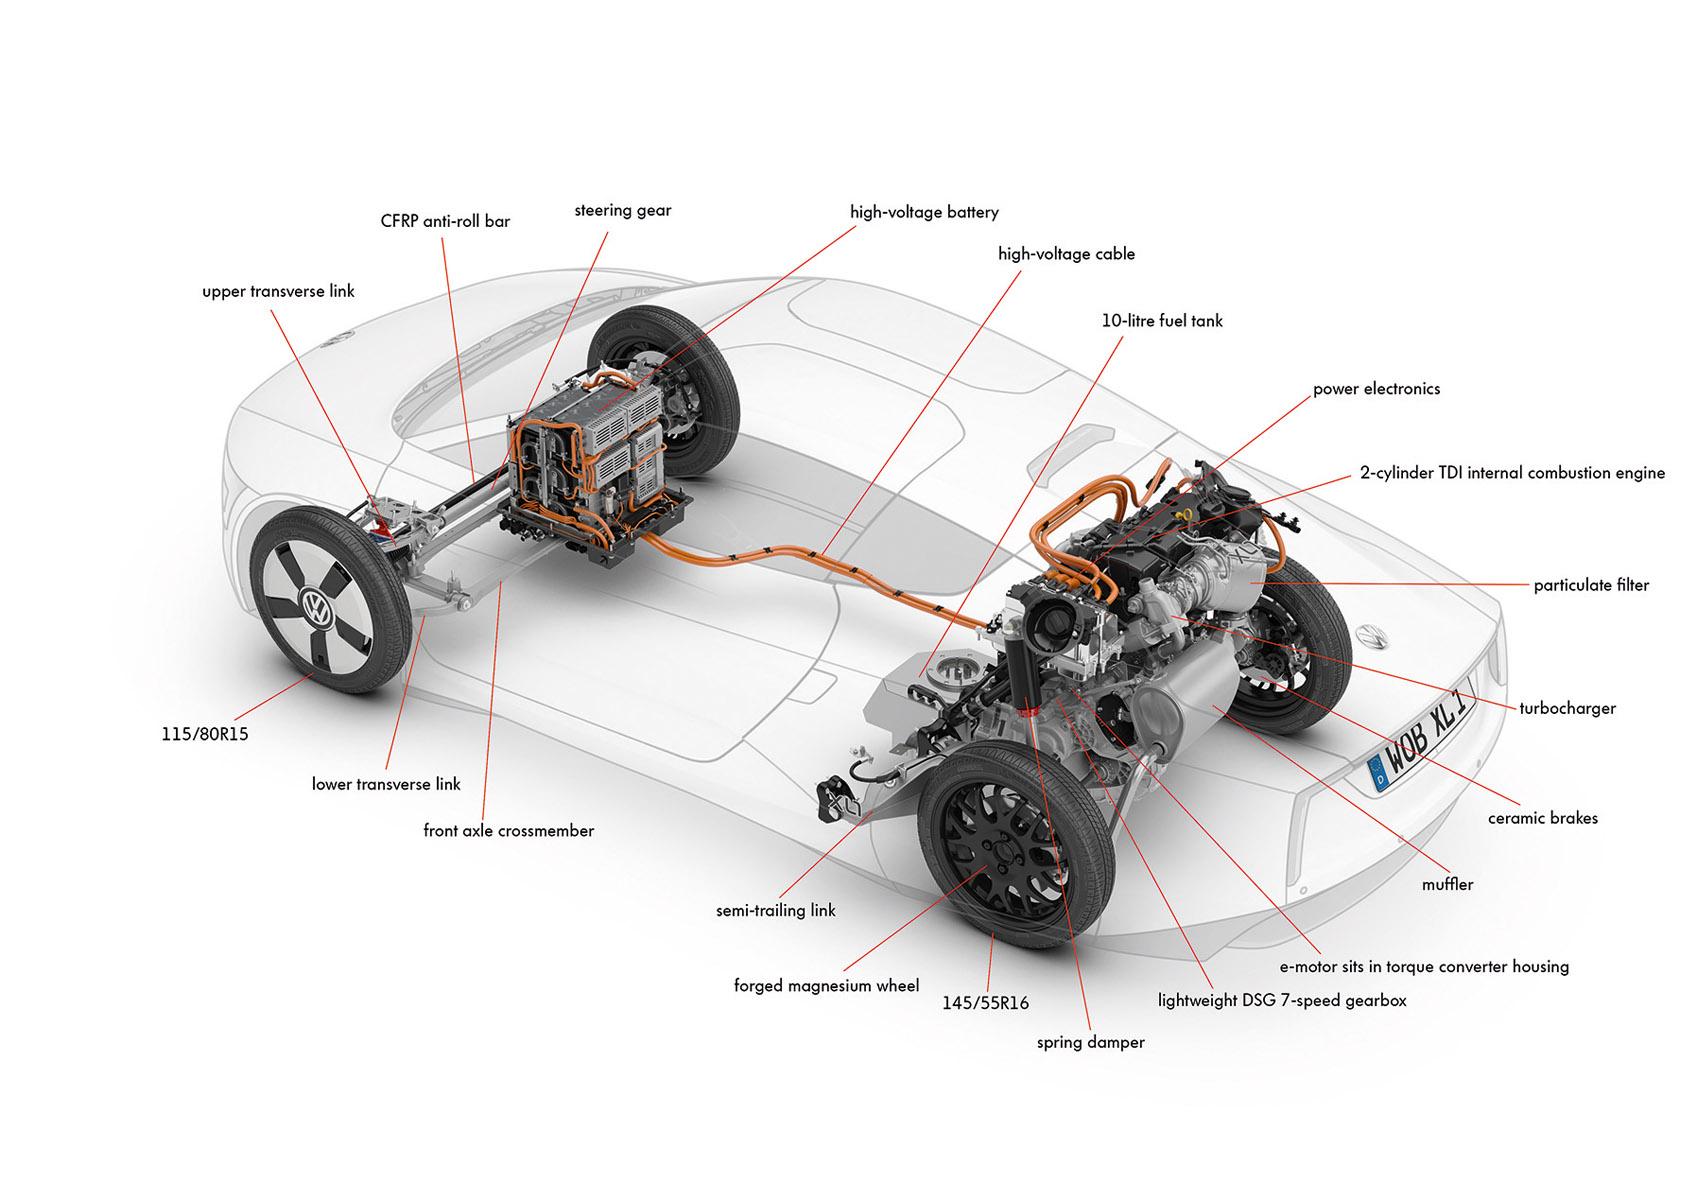 Volkswagen XL1 Drivetrain Diagram -   EuroCar News